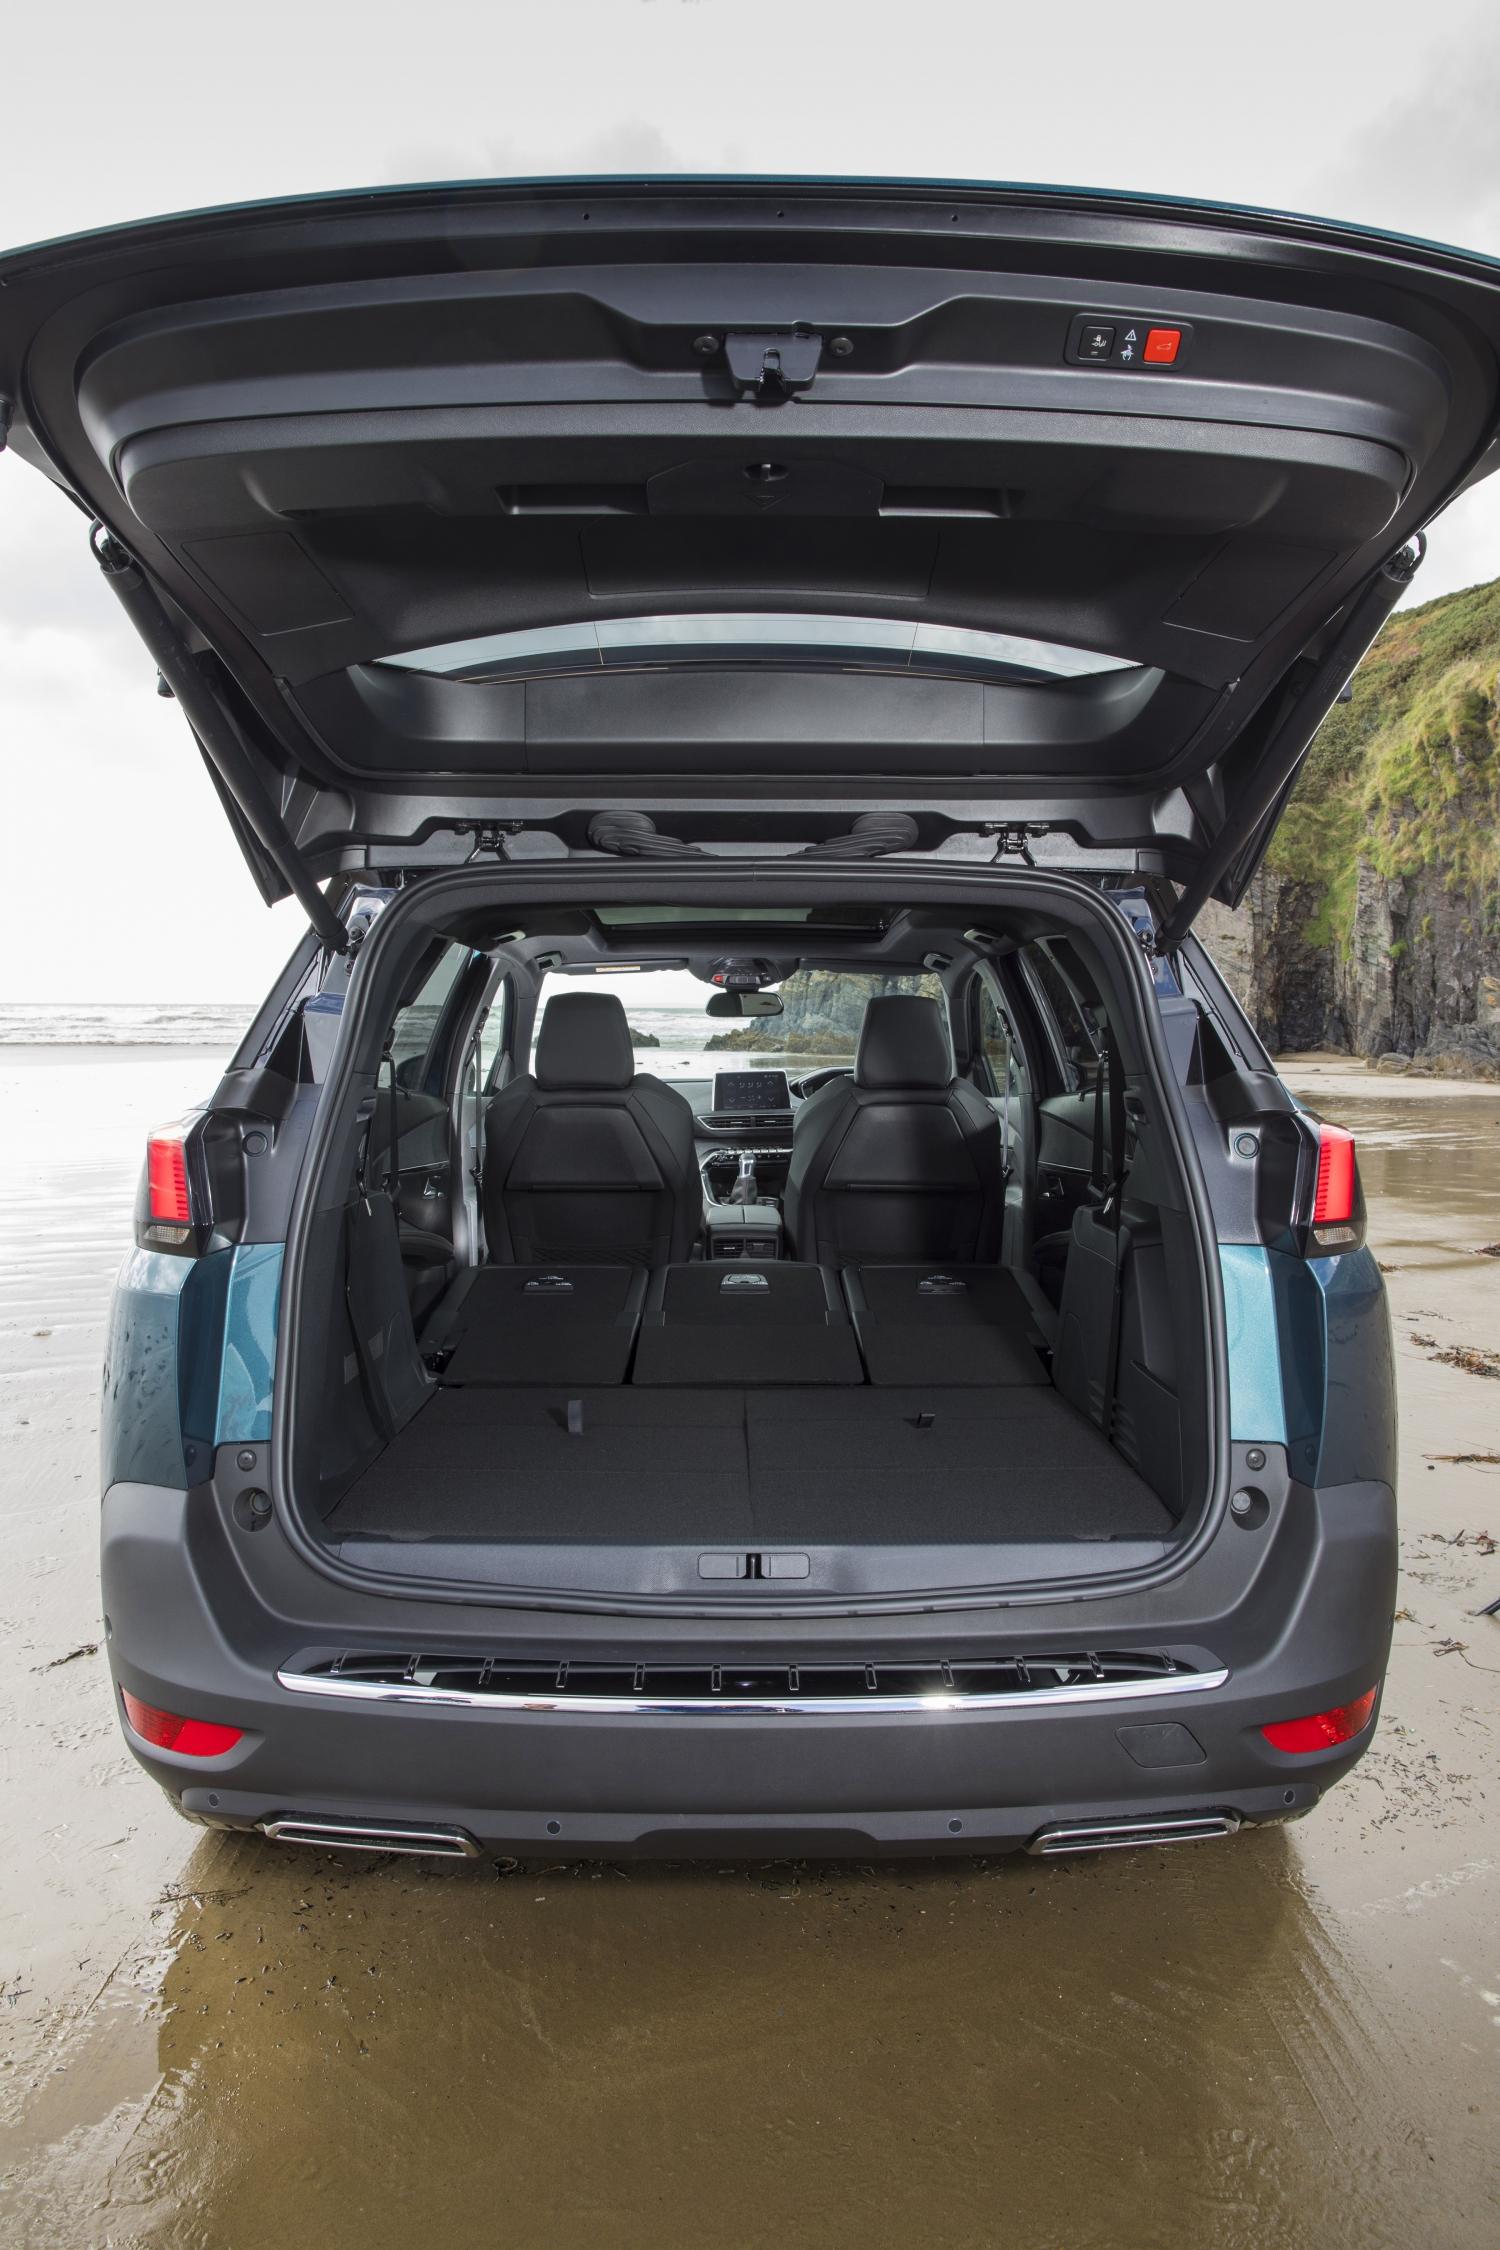 Peugeot 5008 SUV storage